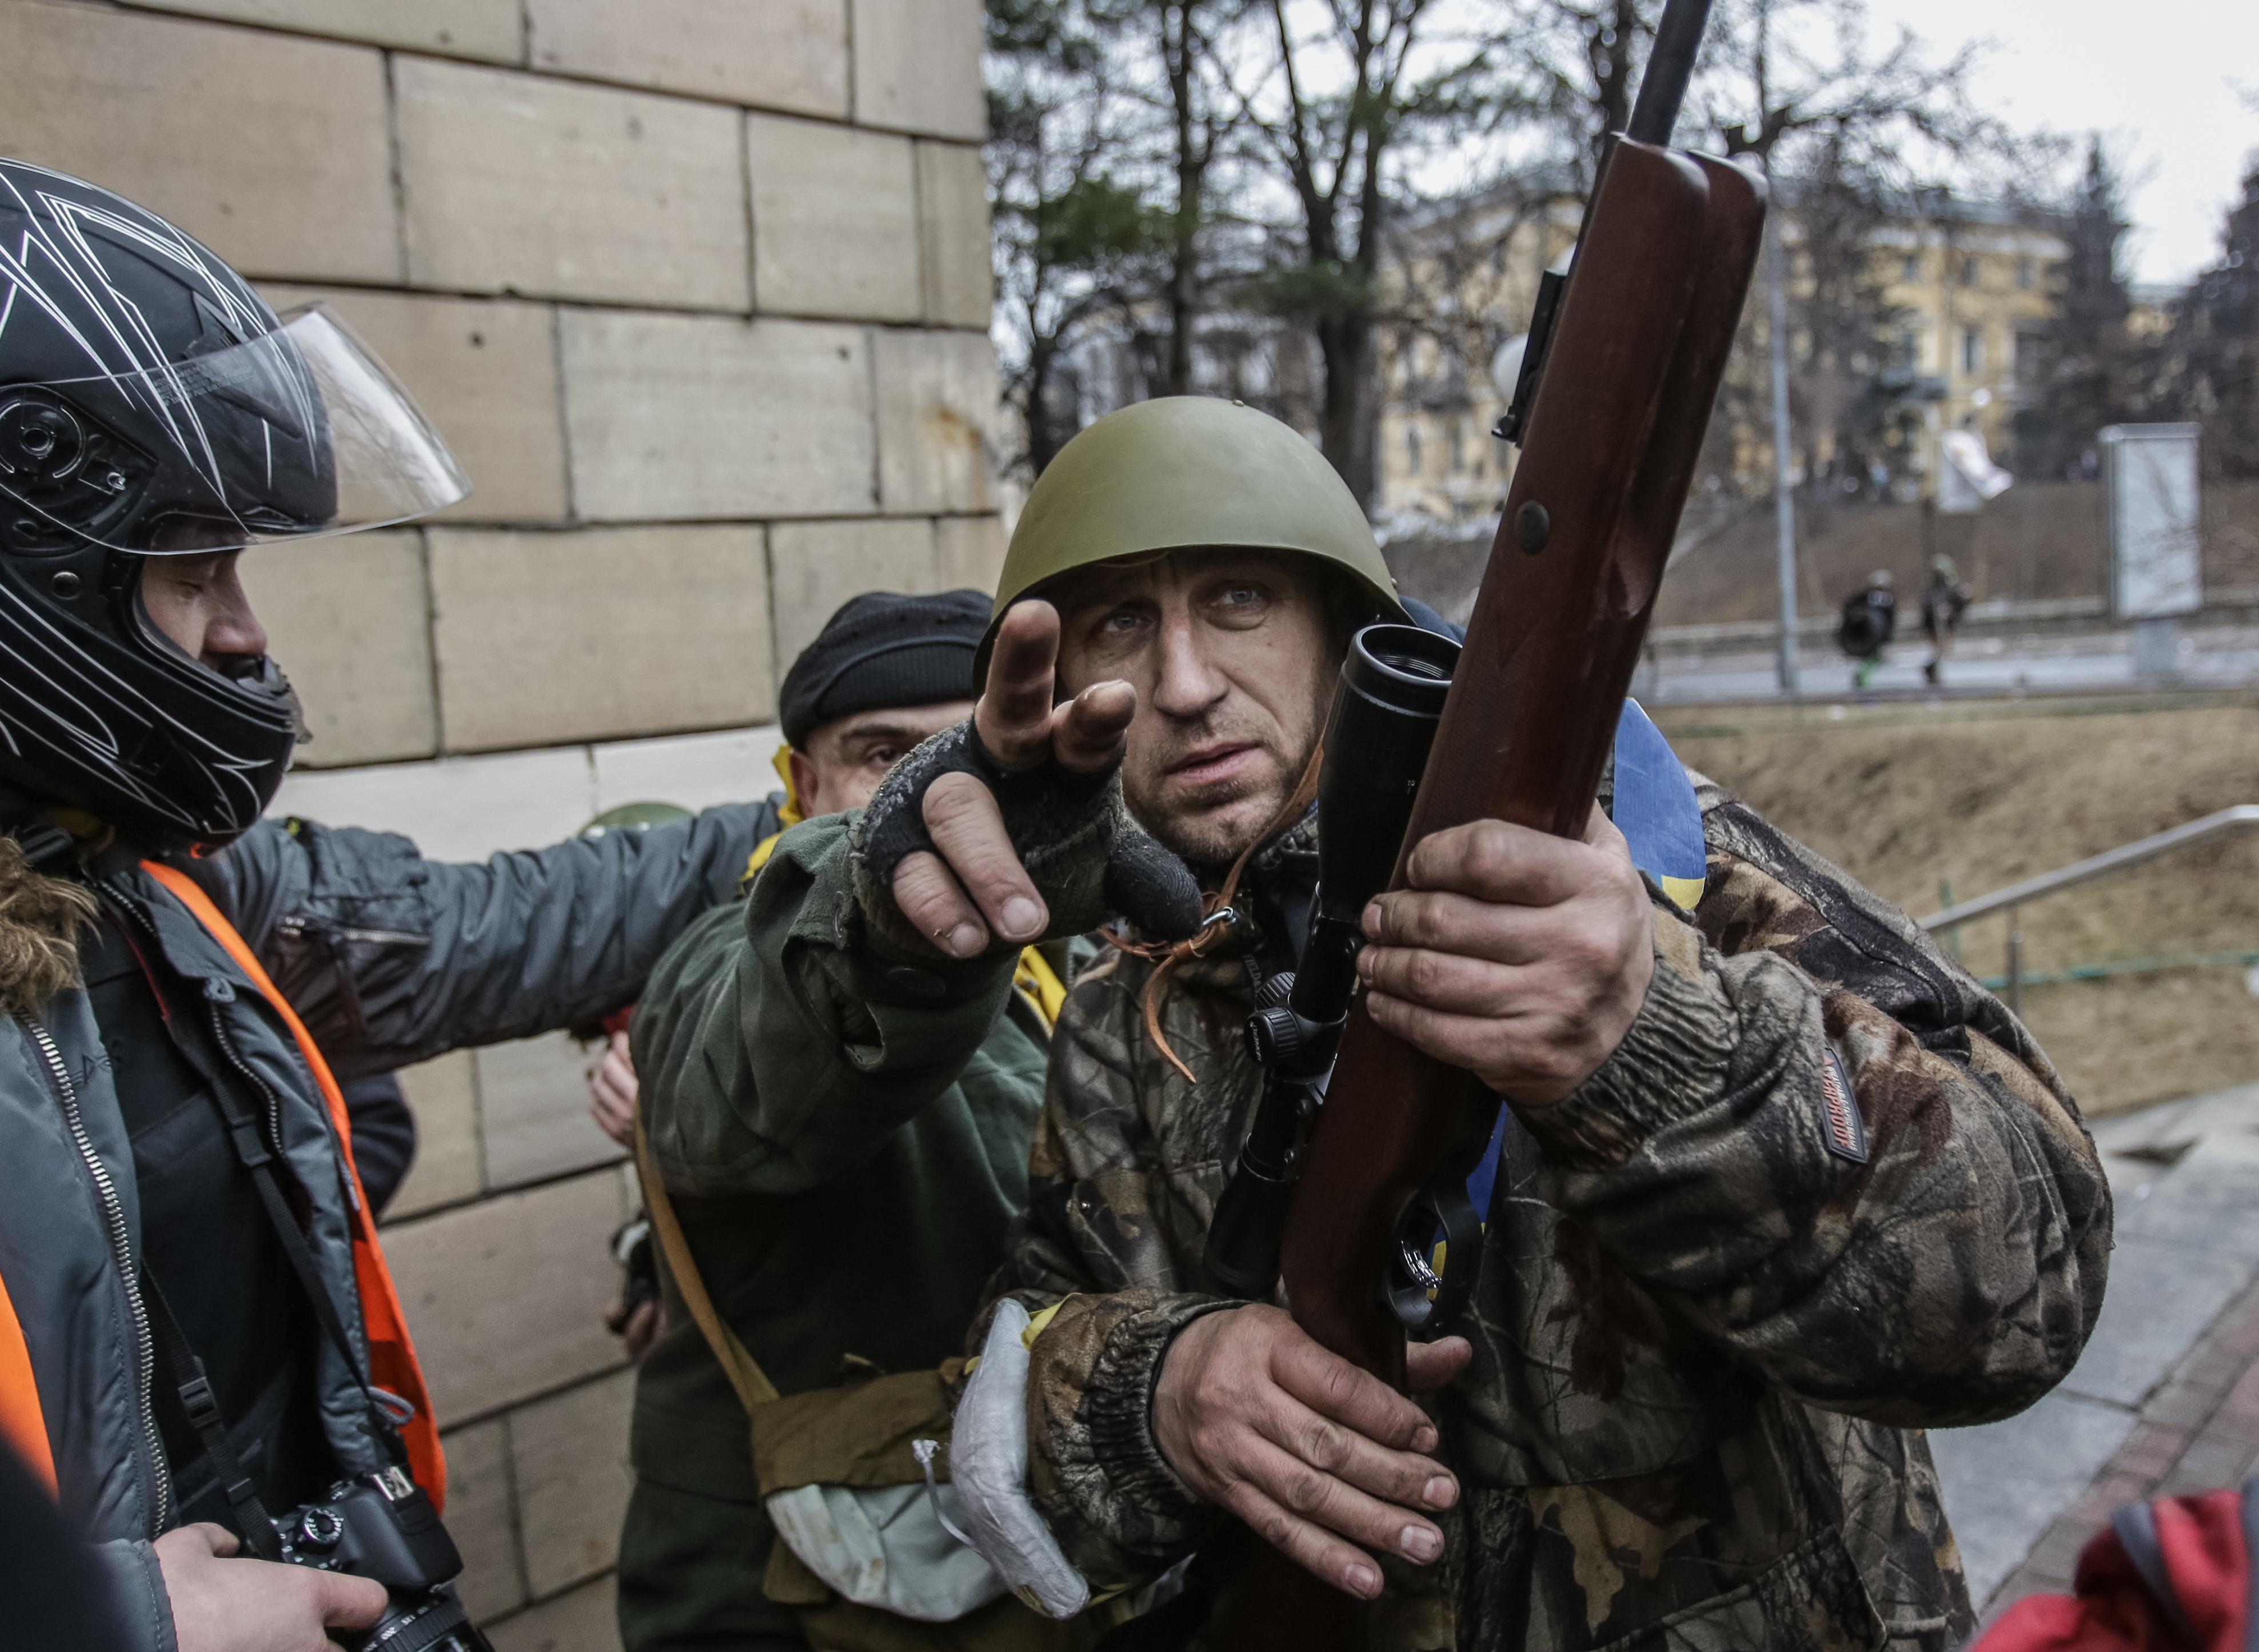 Сторонники Евромайдана ведут огонь из оружия. Фото: ©РИА Новости/Андрей Стенин